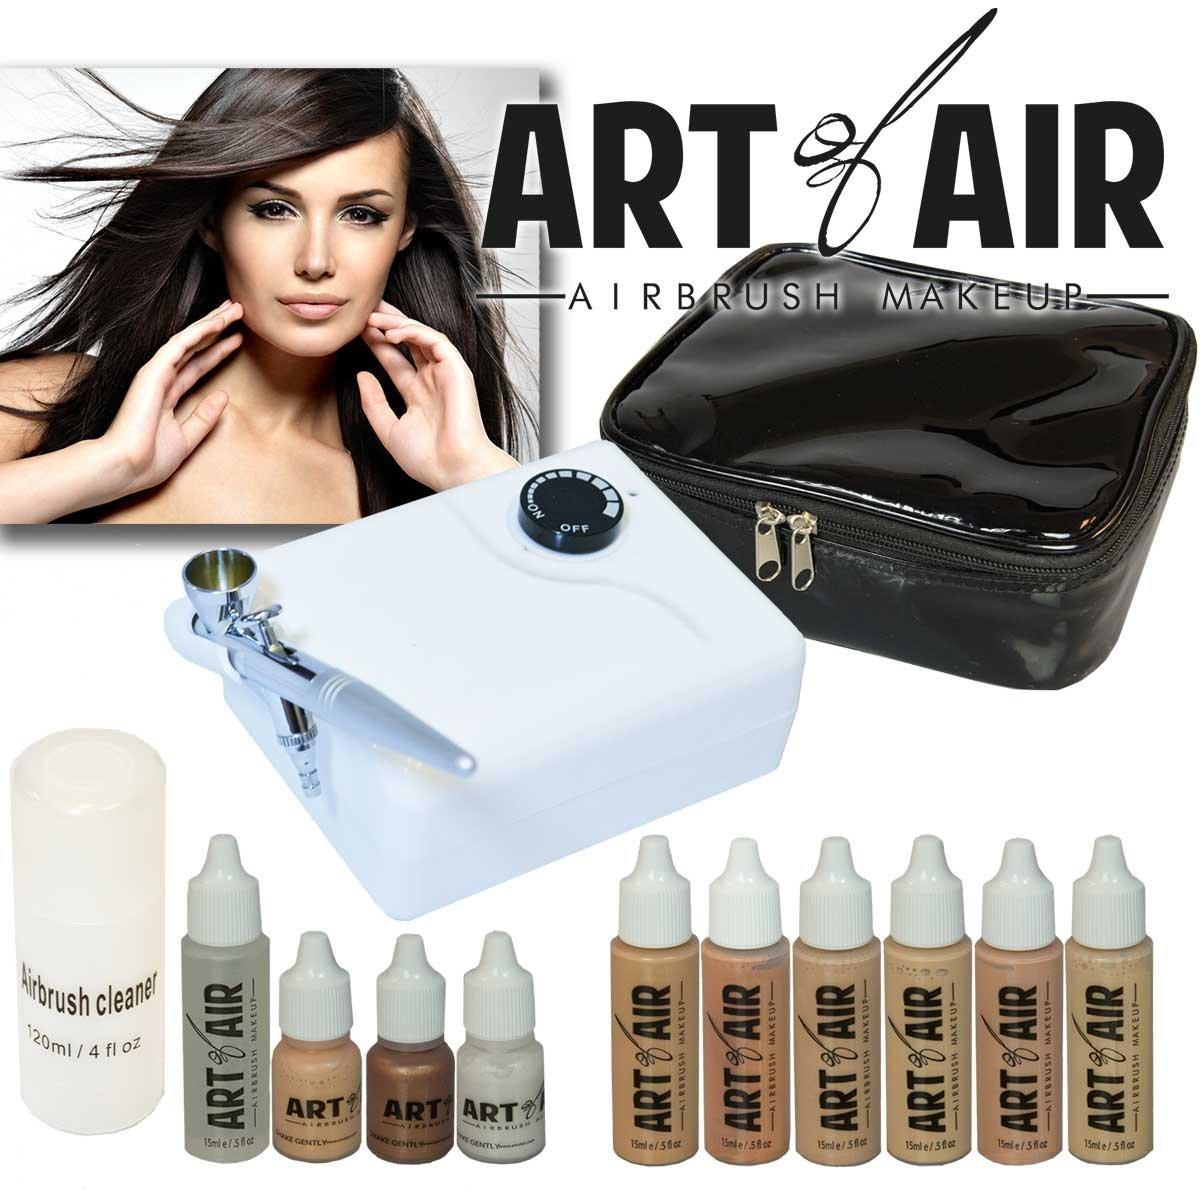 Art Of Air Professional Airbrush Cosmetic Makeup Kit